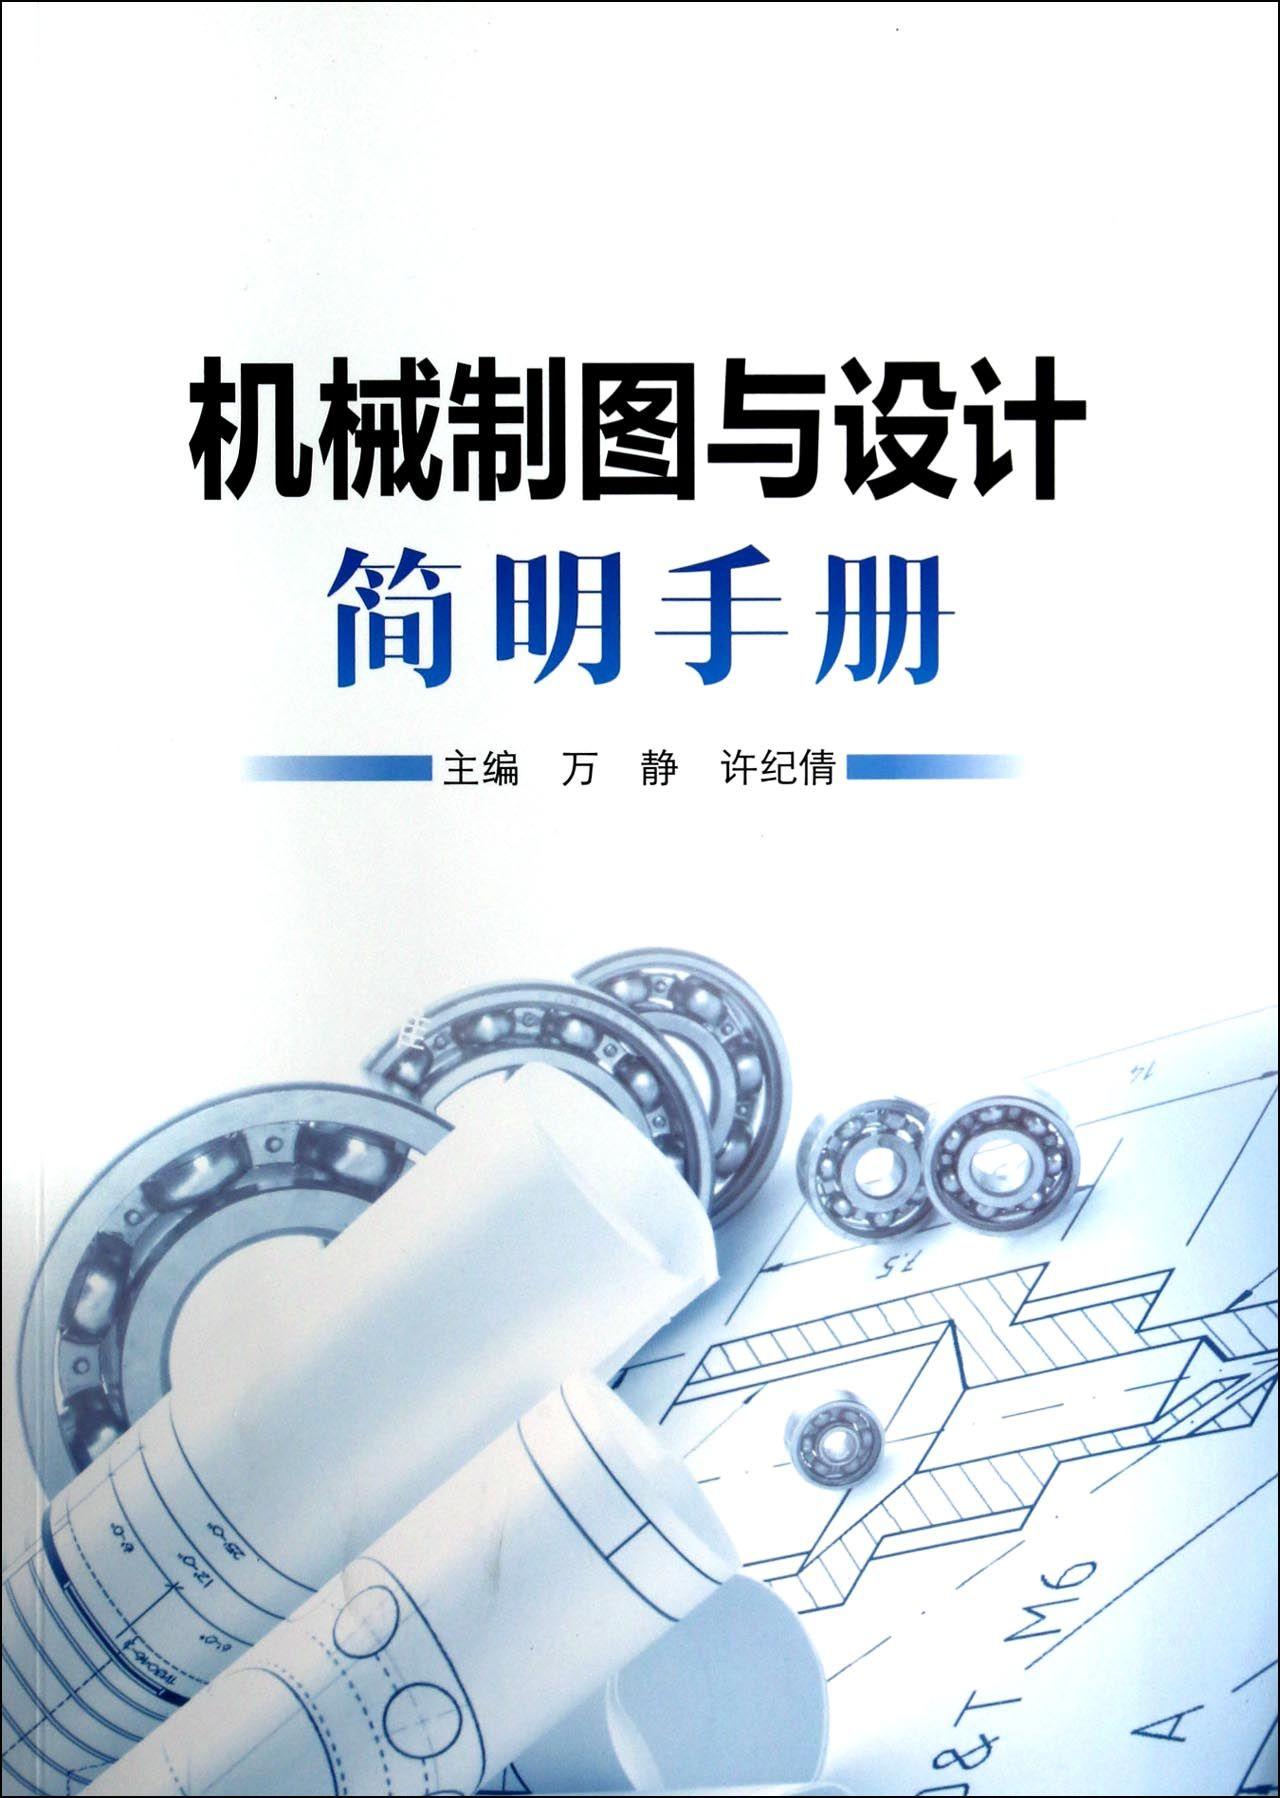 机械制图与设计简明手册图片